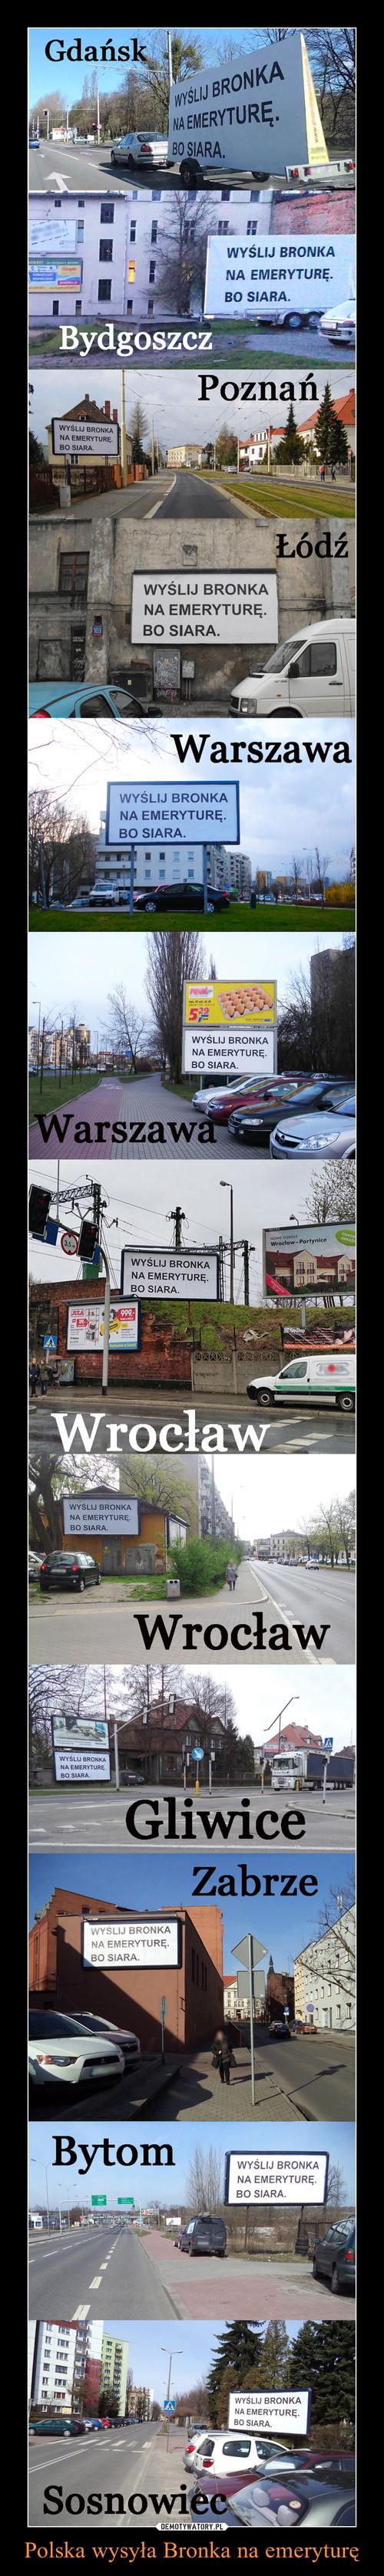 Polska wysyła Bronka na emeryturę